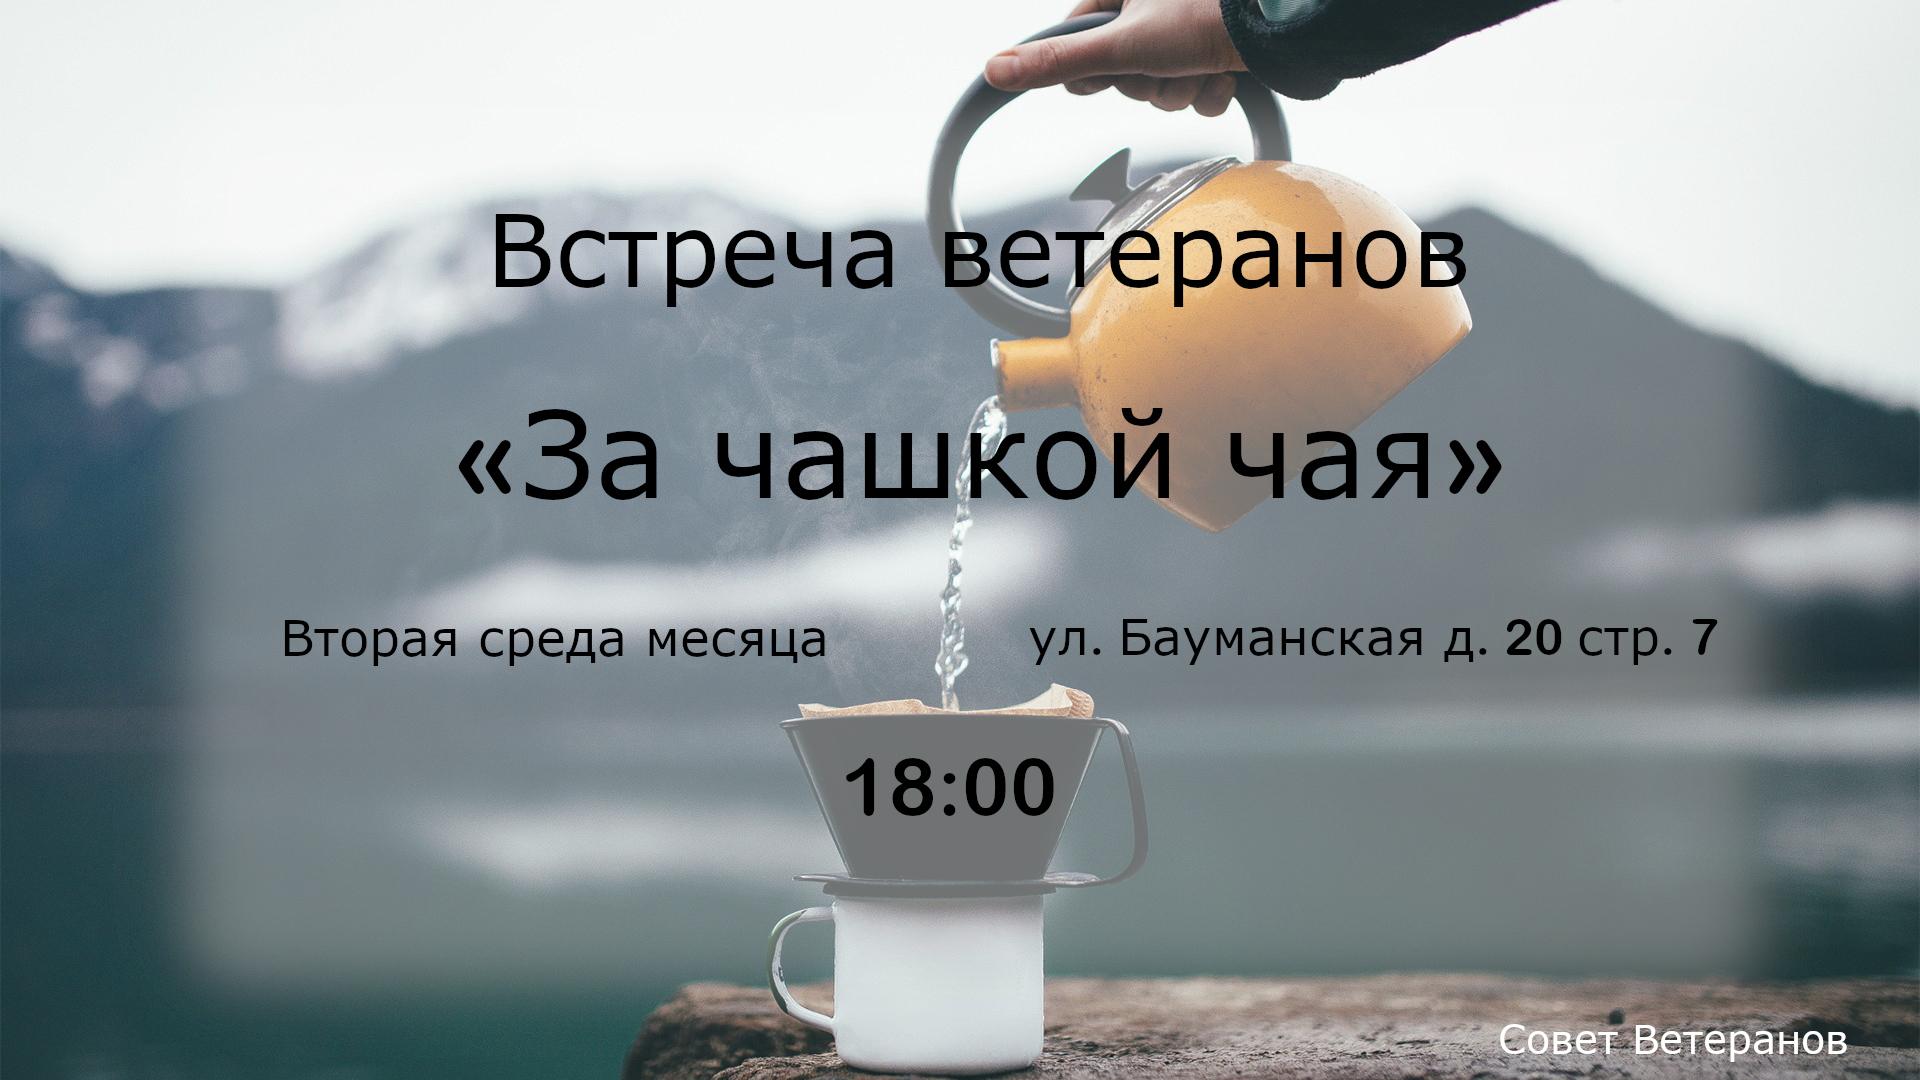 Встреча Ветеранов Бауманская 20с7